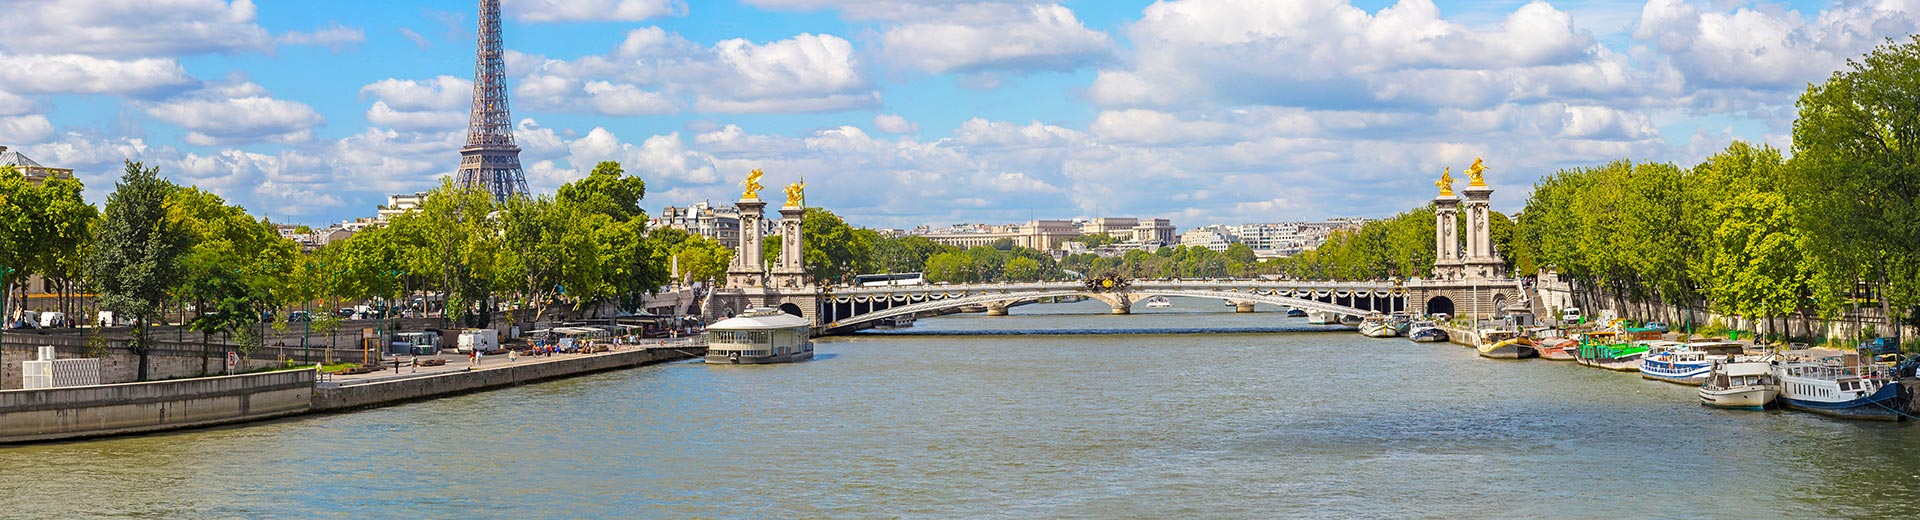 Voyages en groupe Paris - offre Classique